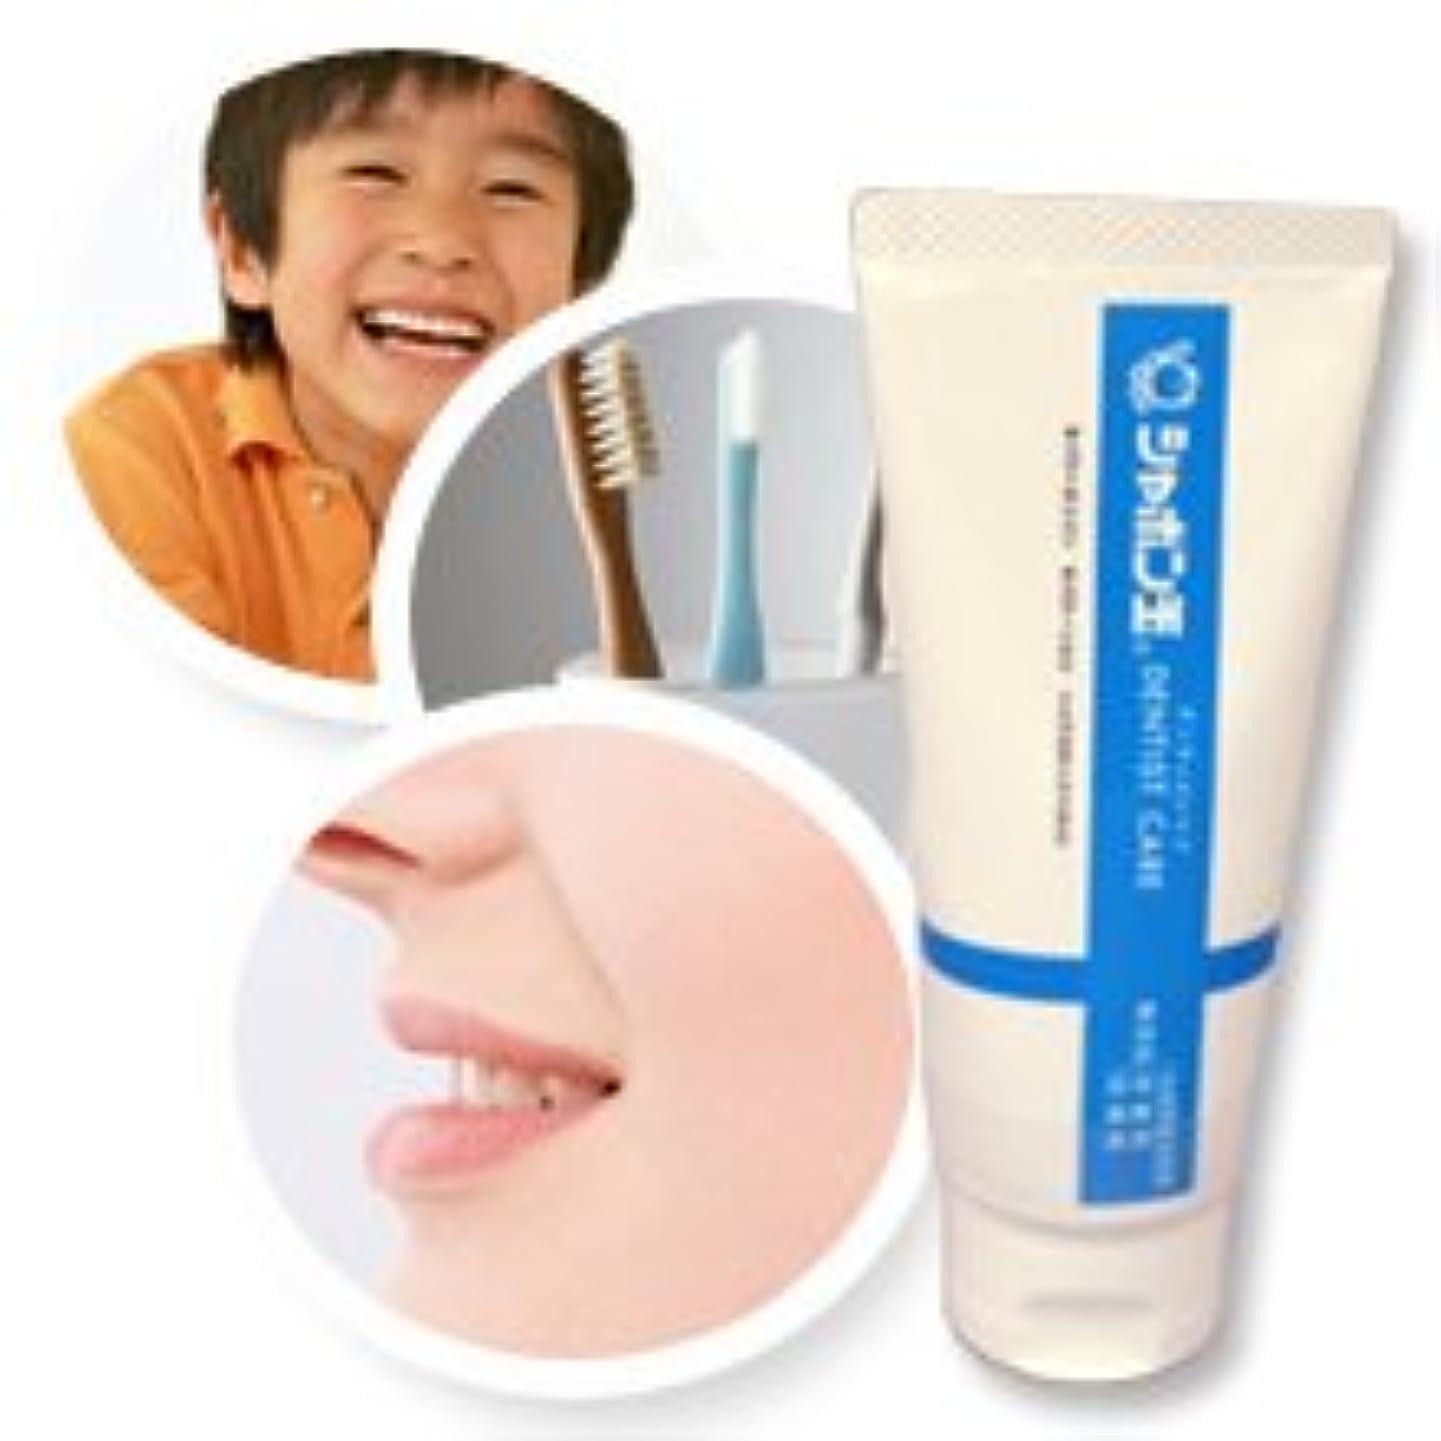 有効化手当アレキサンダーグラハムベル歯科医が開発した歯周病や口臭?虫歯が気になる方へ【歯磨き粉】【シャボン玉デンティストケア】